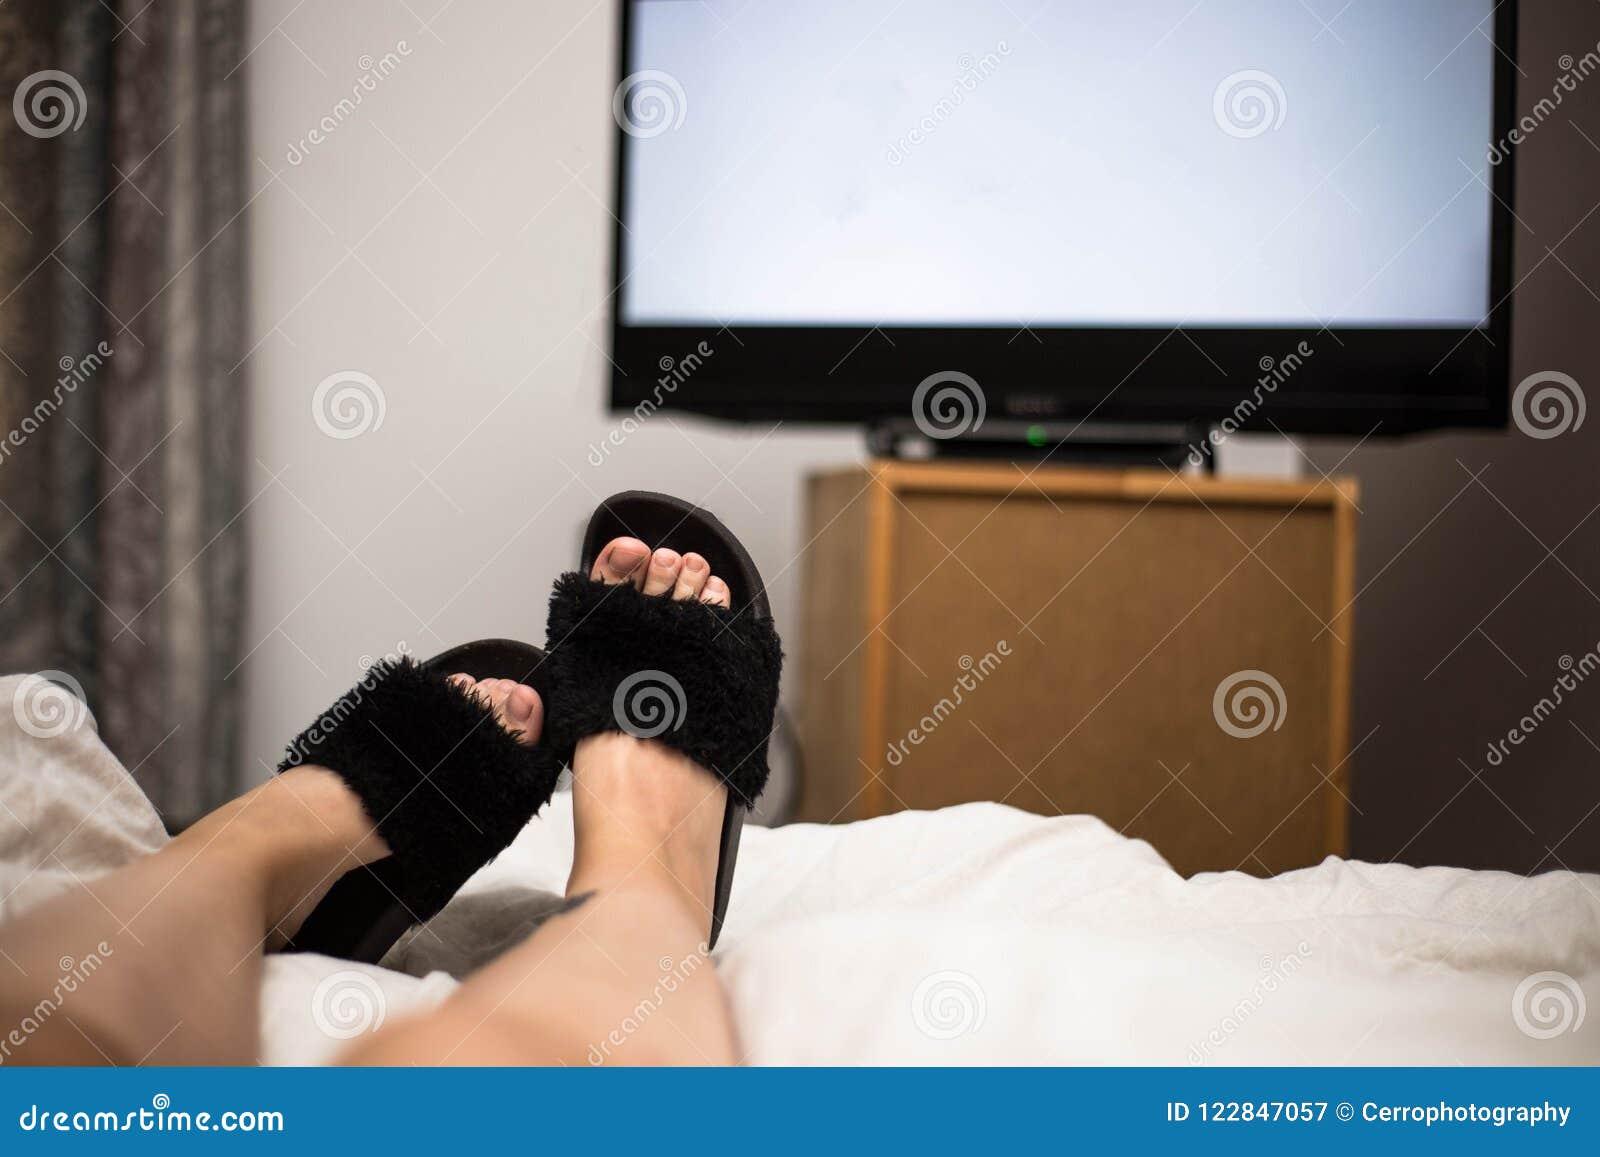 Tele Au Pied Du Lit la personne regarde la tv la nuit dans son lit avec ses